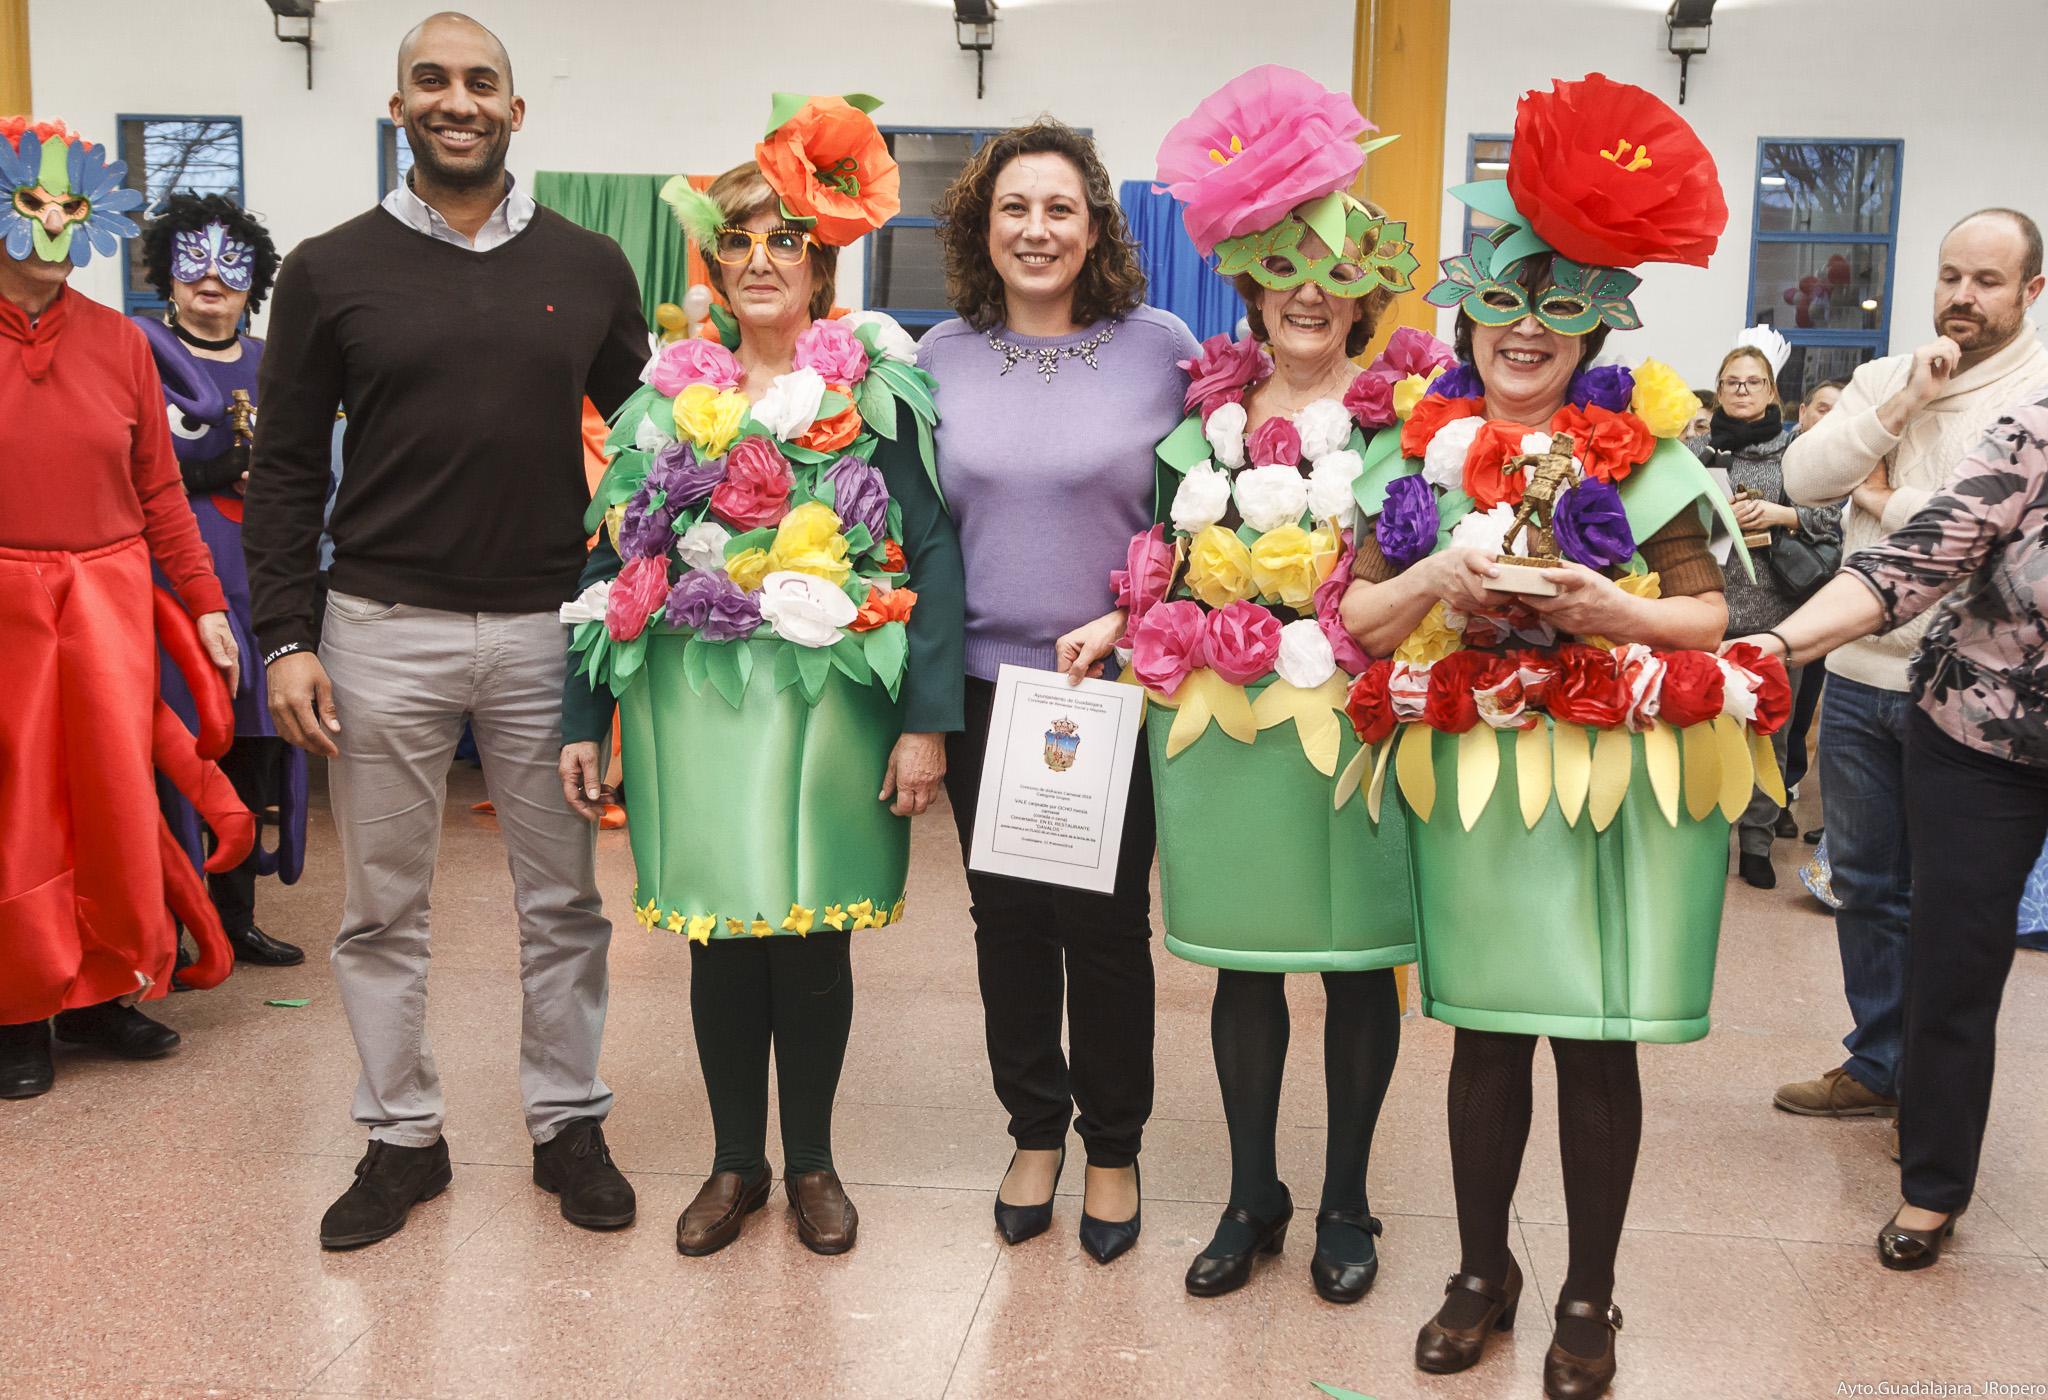 Gran  ambiente, originalidad y buen humor en el concurso de disfraces de mayores